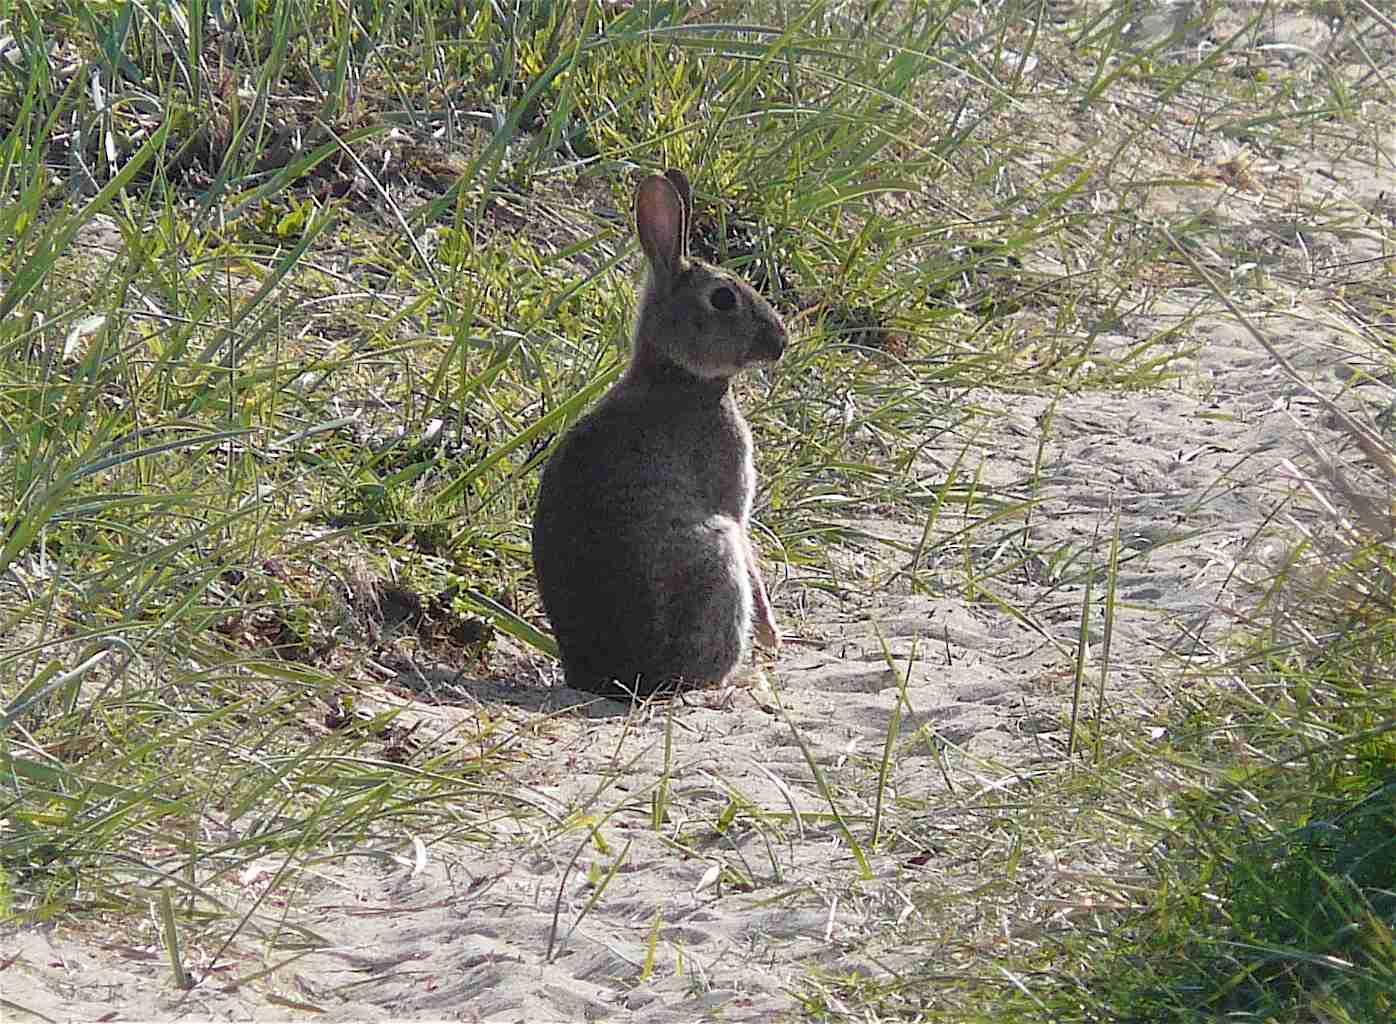 Souvent Le lapin de garenne - Quel est cet animal ? NW26